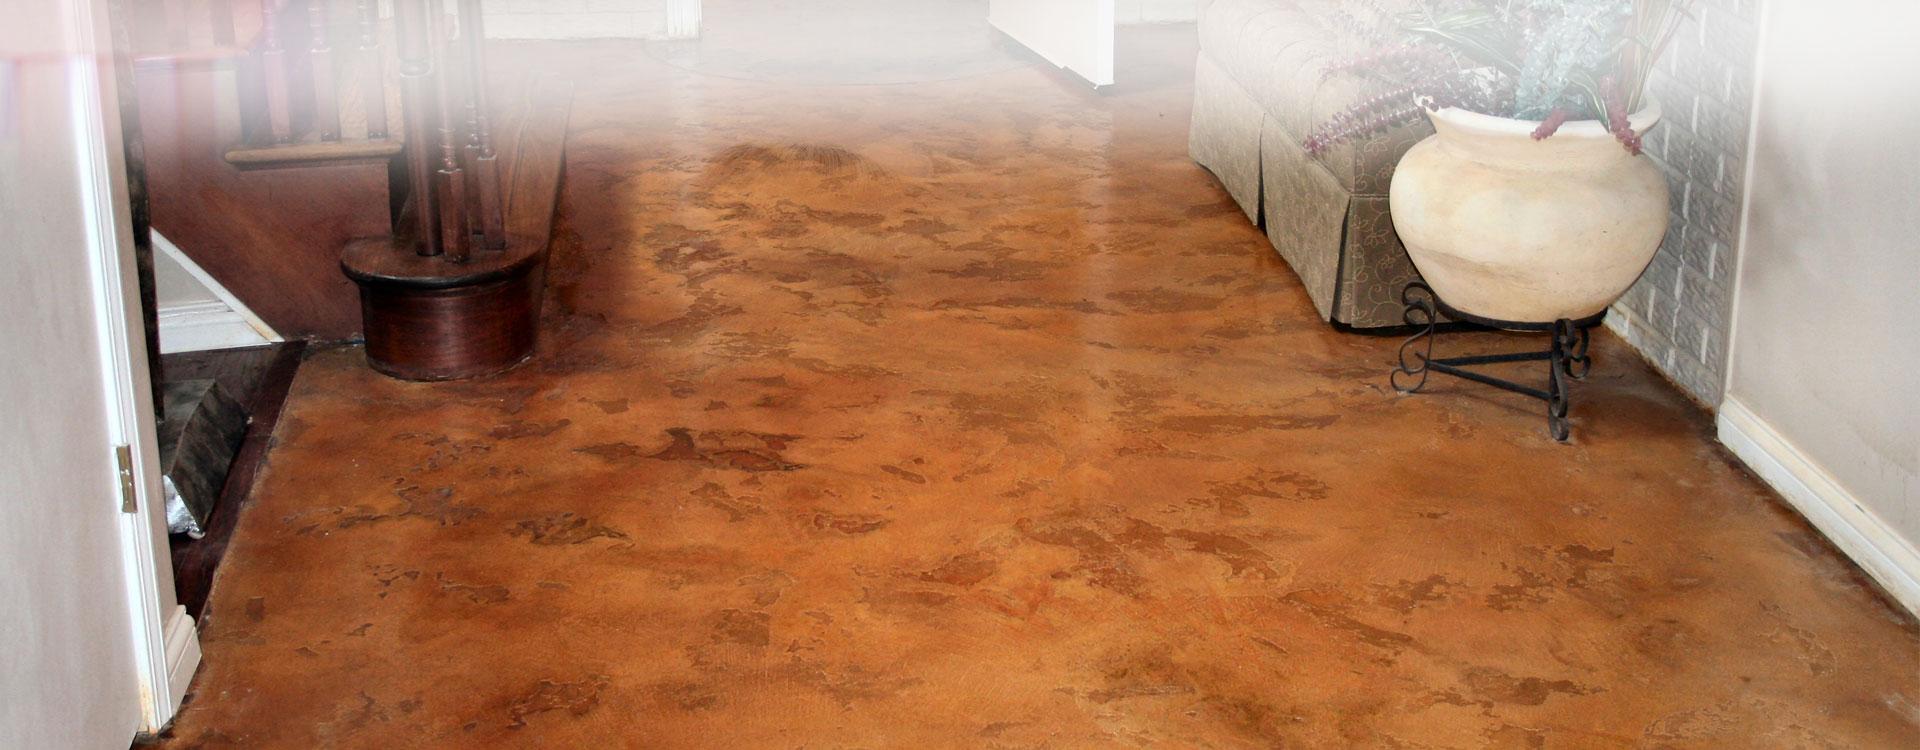 decorative-concrete-flooring